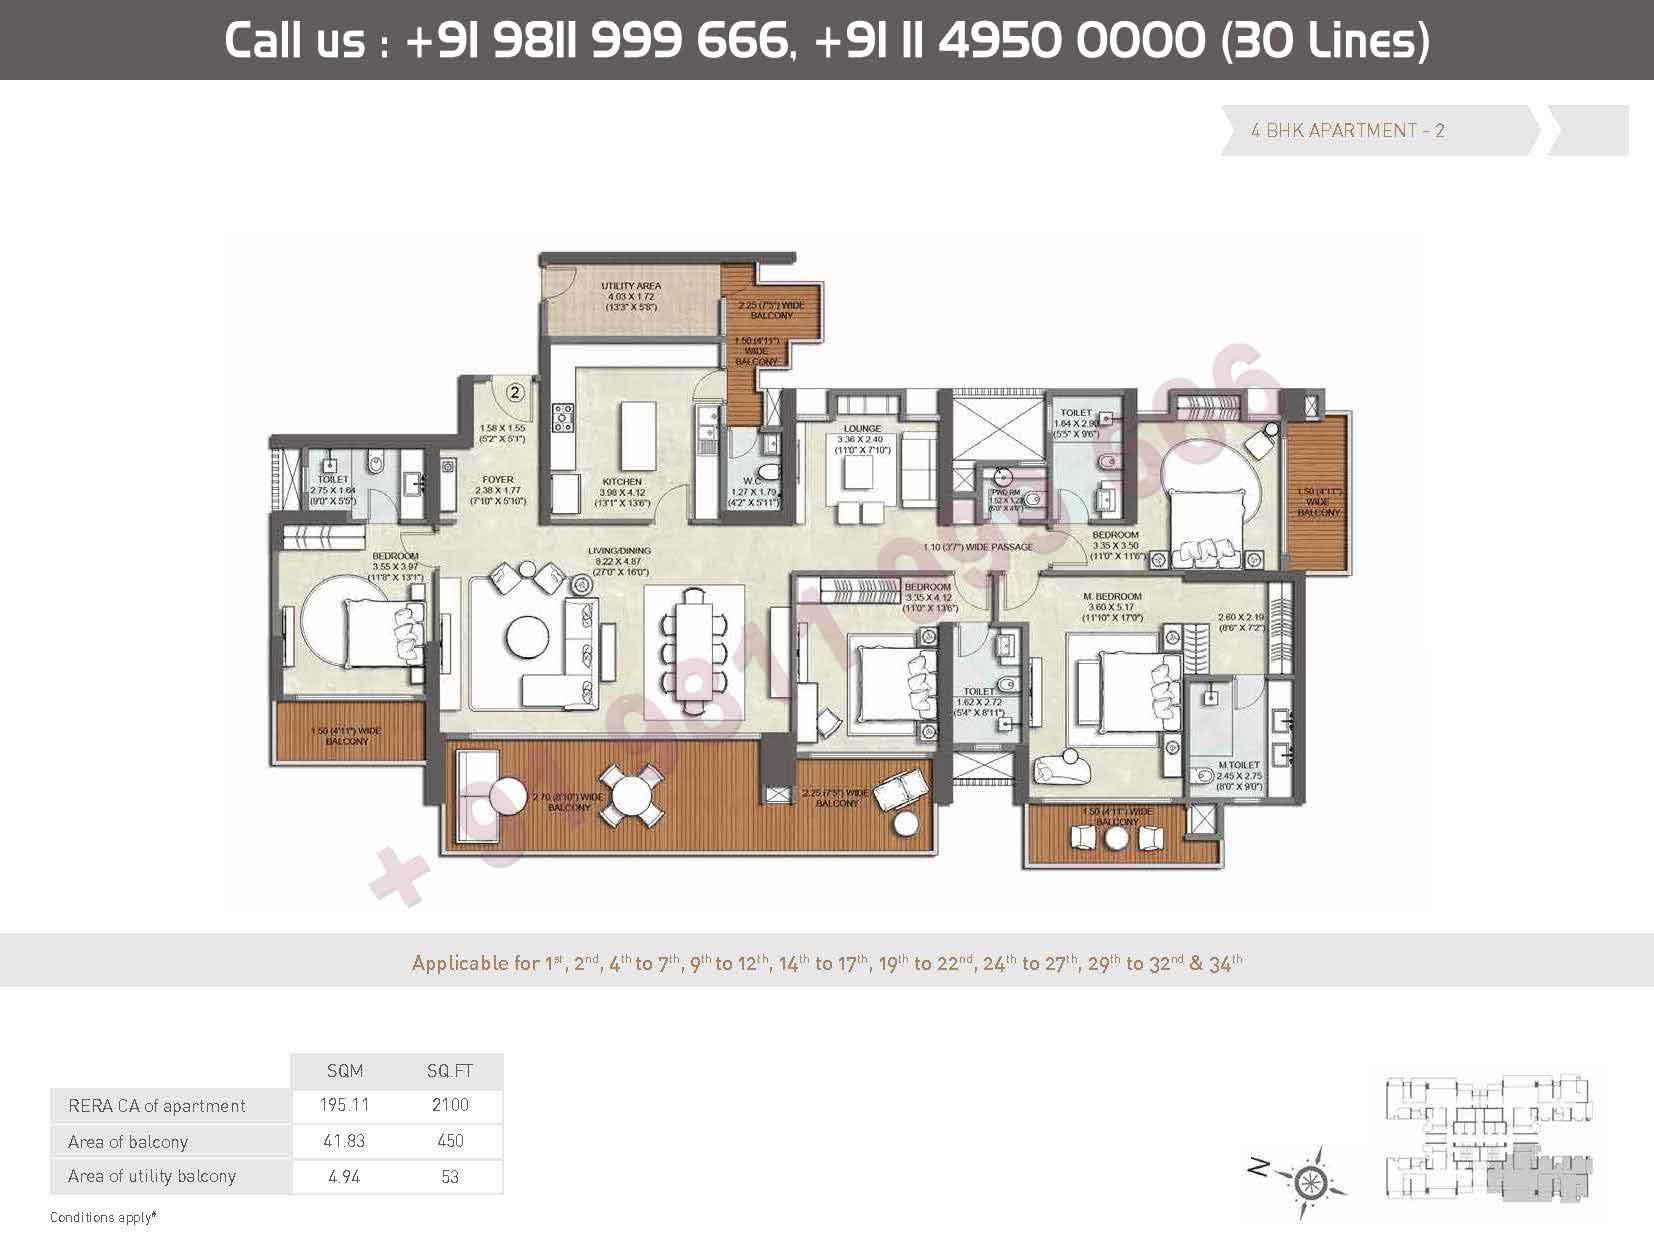 Apartment - 2 : 2100 Sq. Ft.